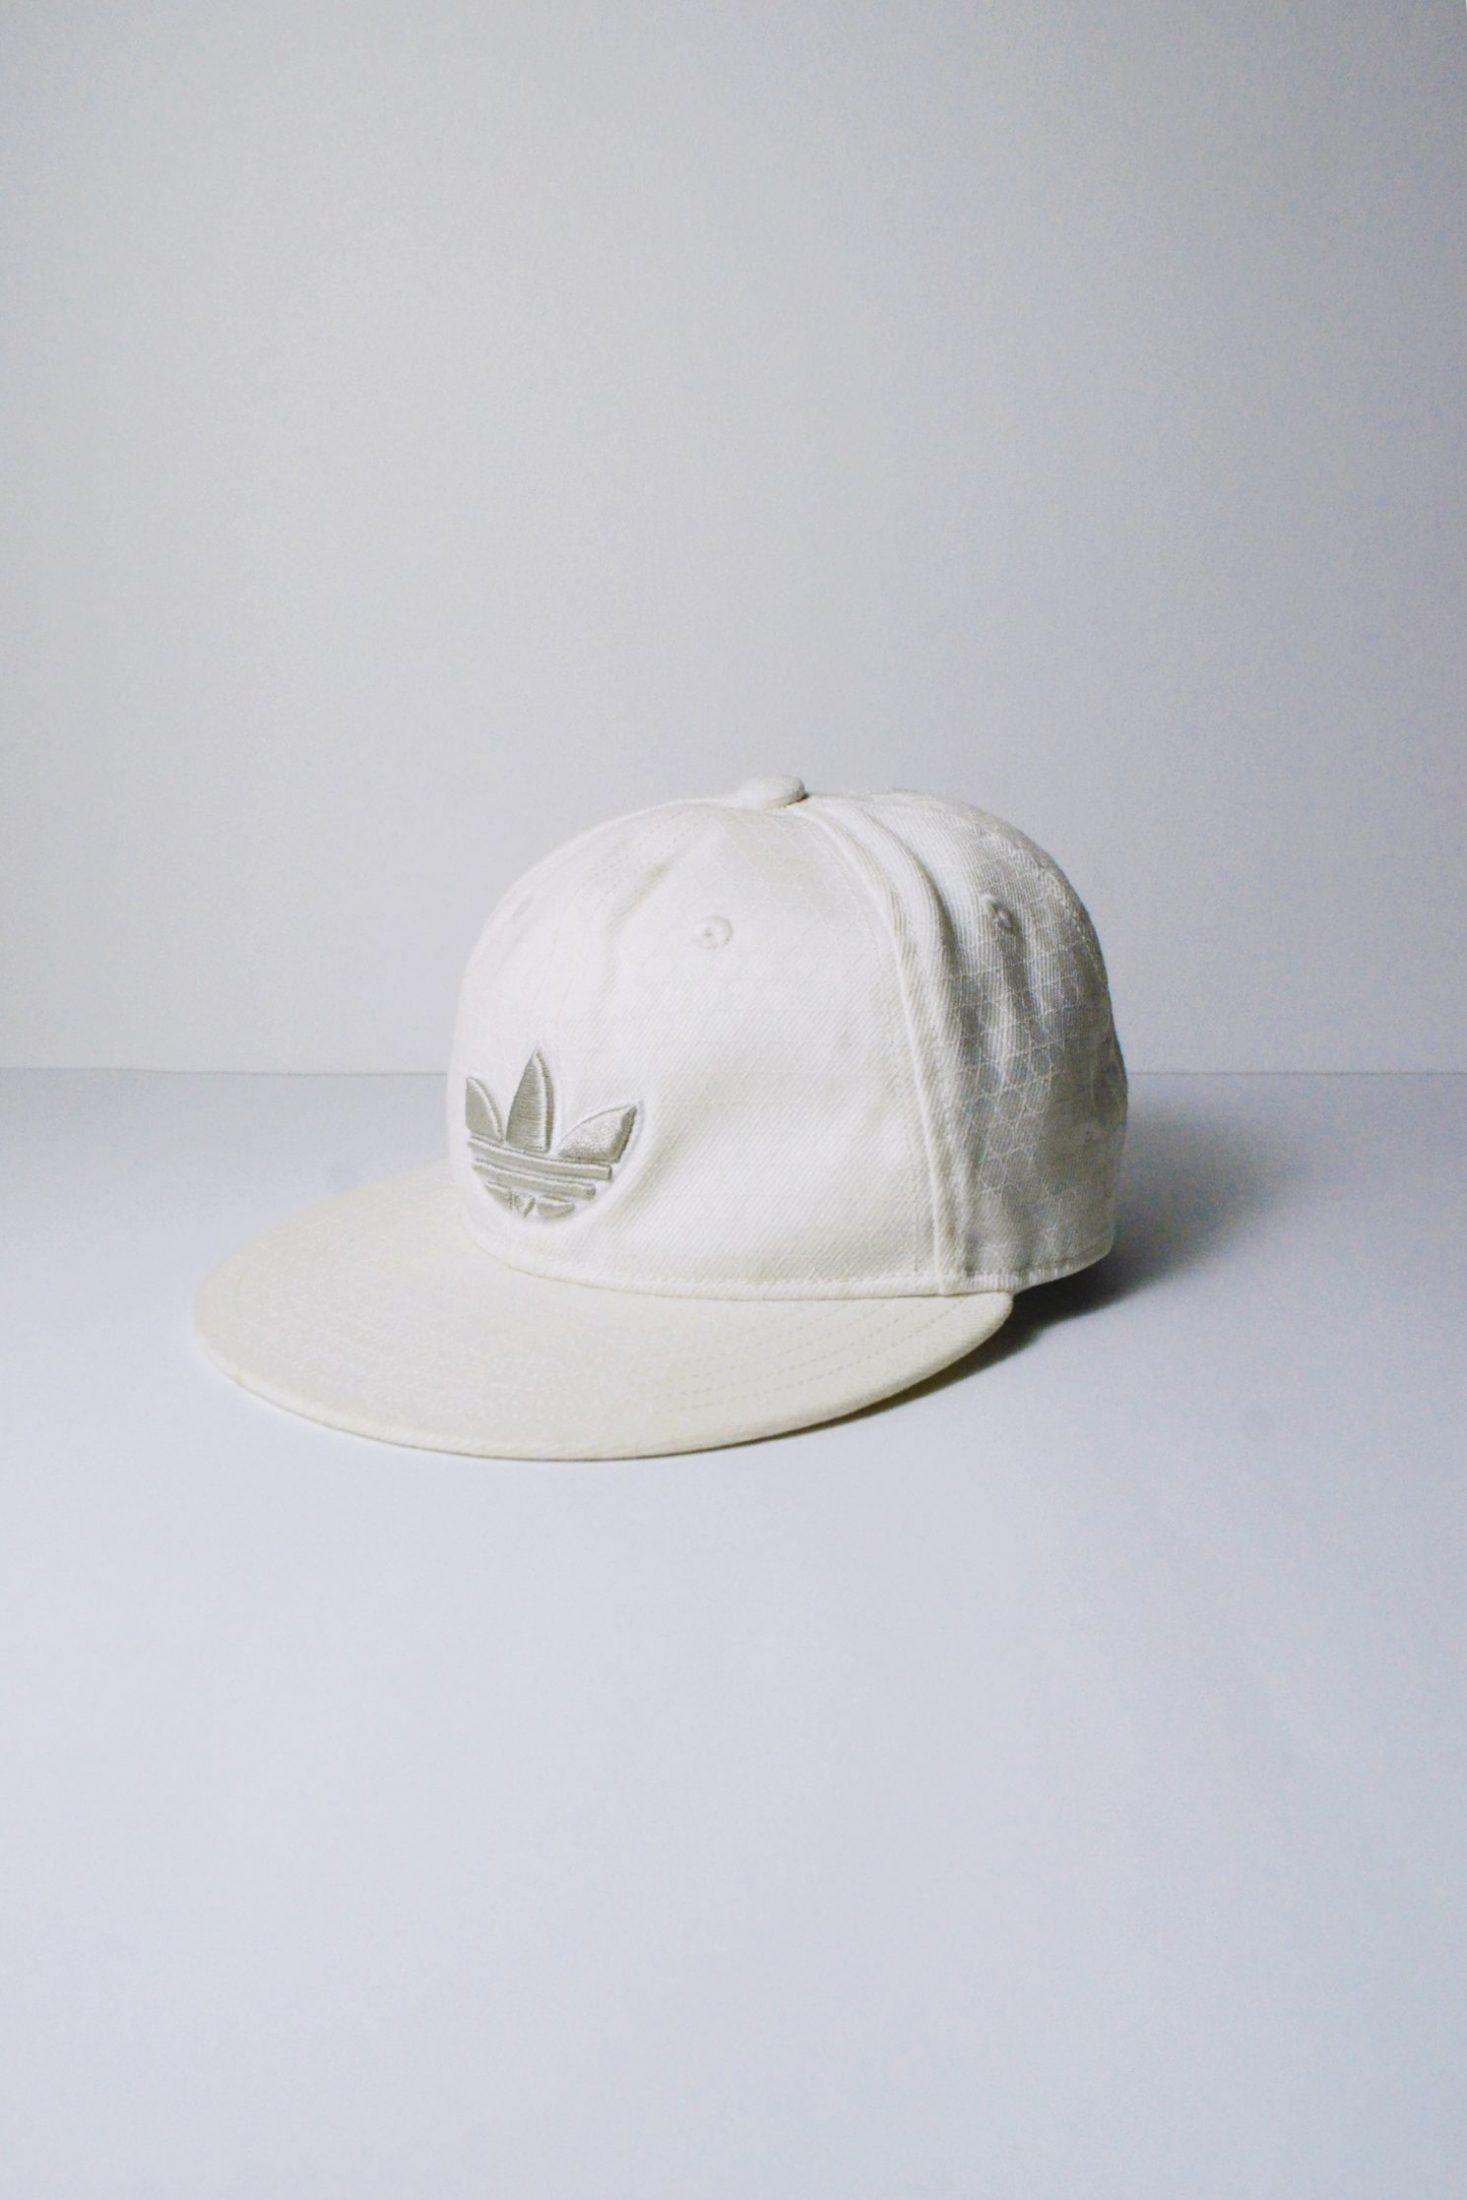 Adidas Originals white full cap ... 267227892b2